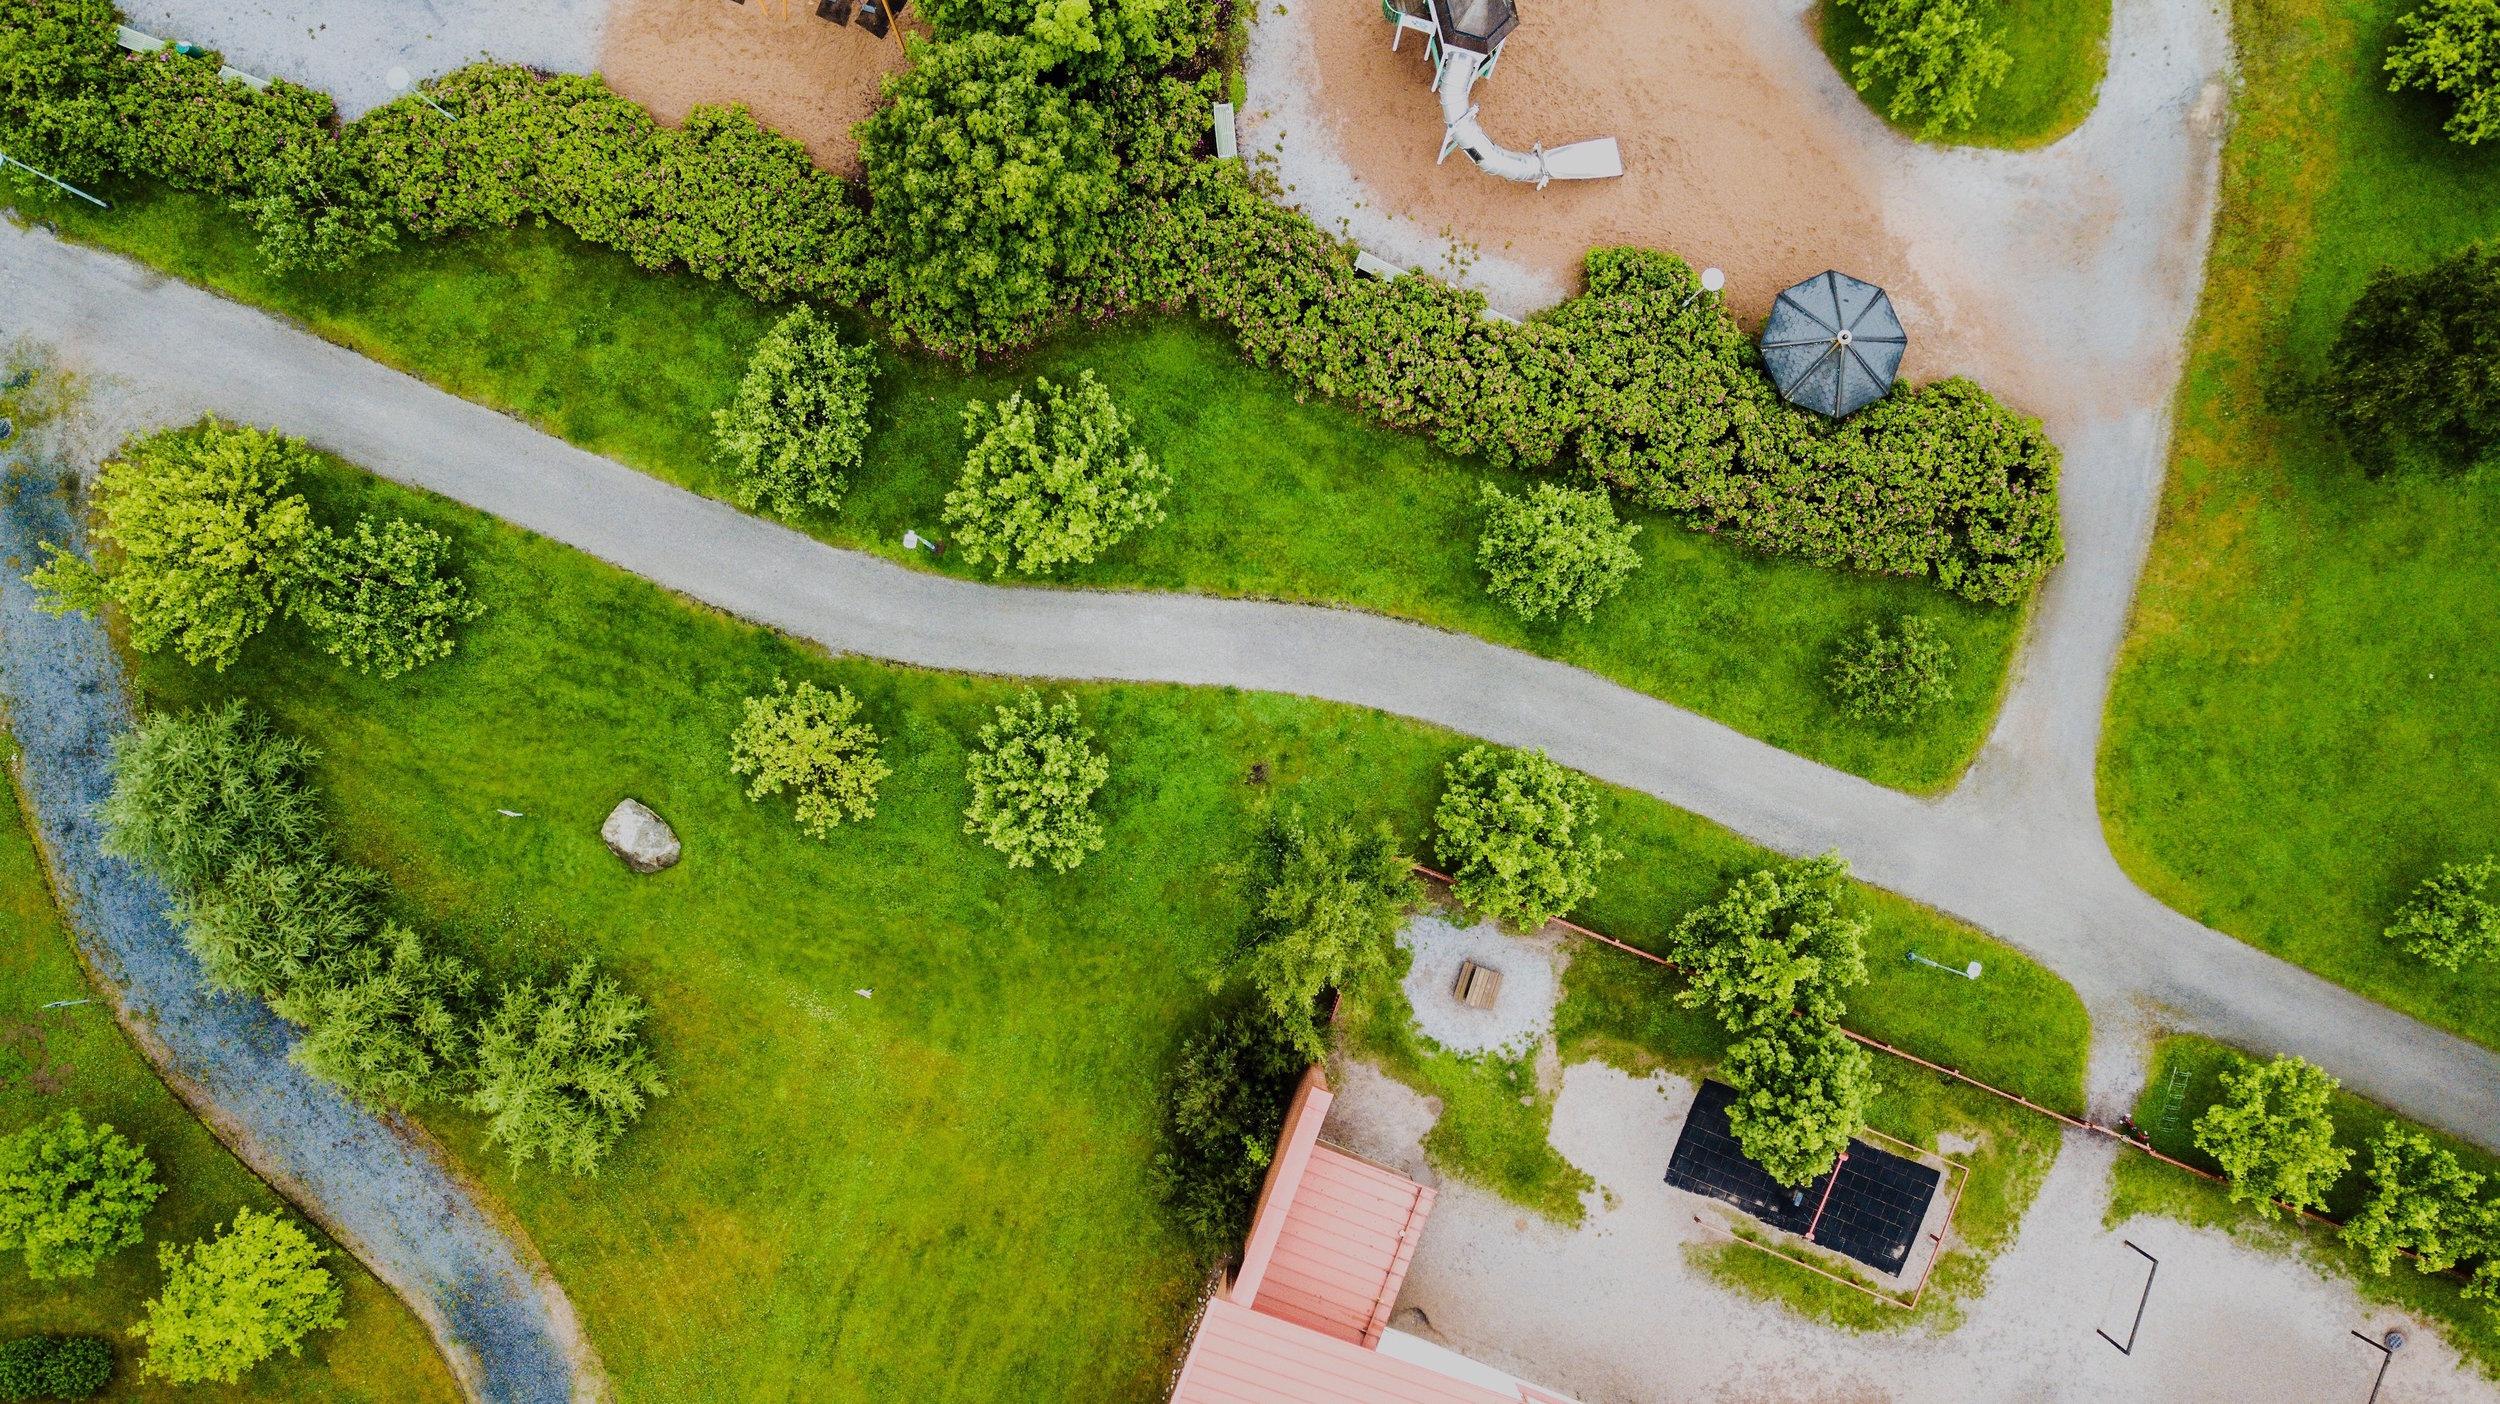 """""""Ландшафтный дизайн"""" - Создайте сад своей мечты - мы даем знания и профессию! Курс поможет Вам планировать и оформлять любой участок, подобрать и высадить растения. Больше информации >"""